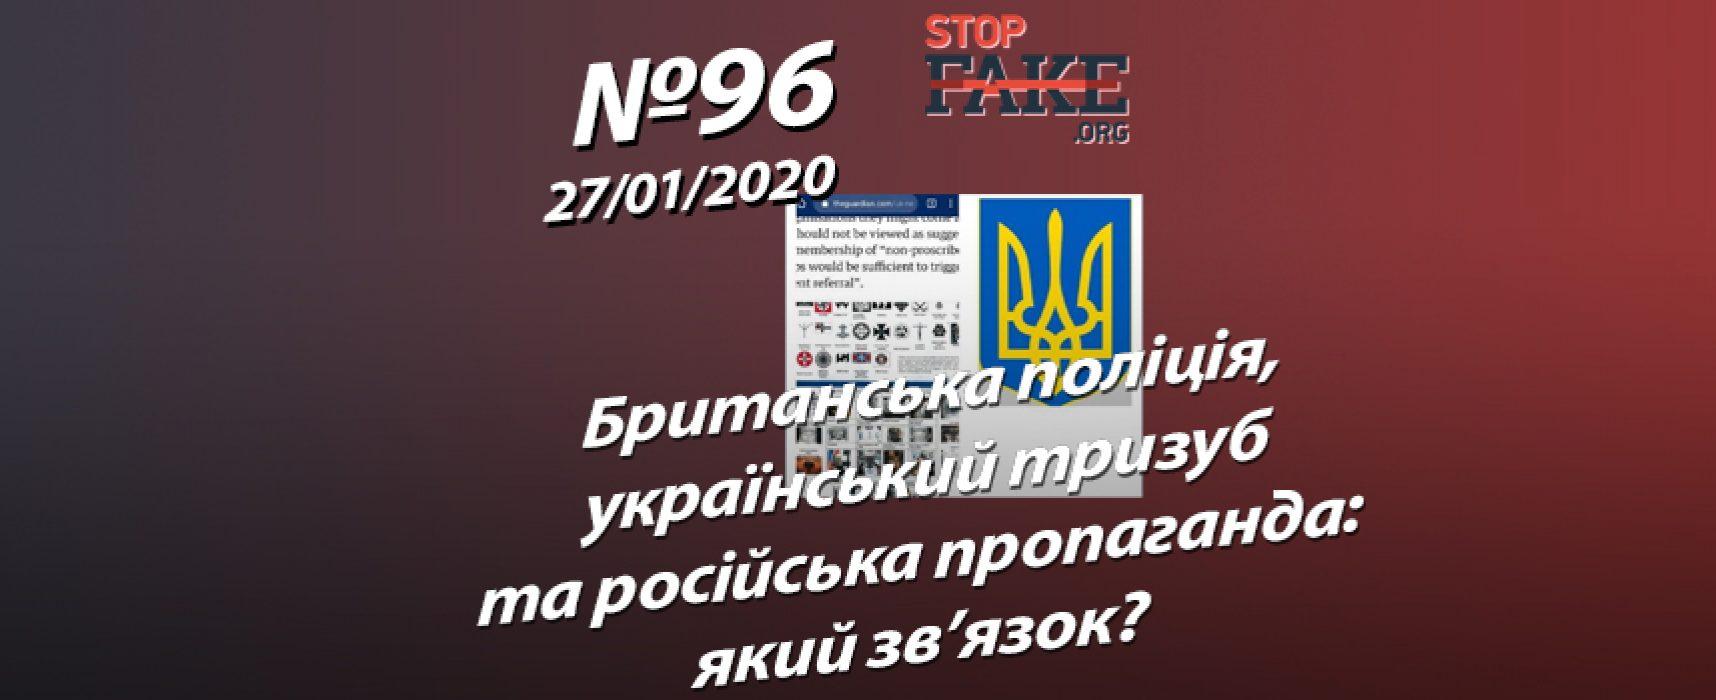 Британська поліція, український тризуб та російська пропаганда: який зв'язок? – StopFake.org